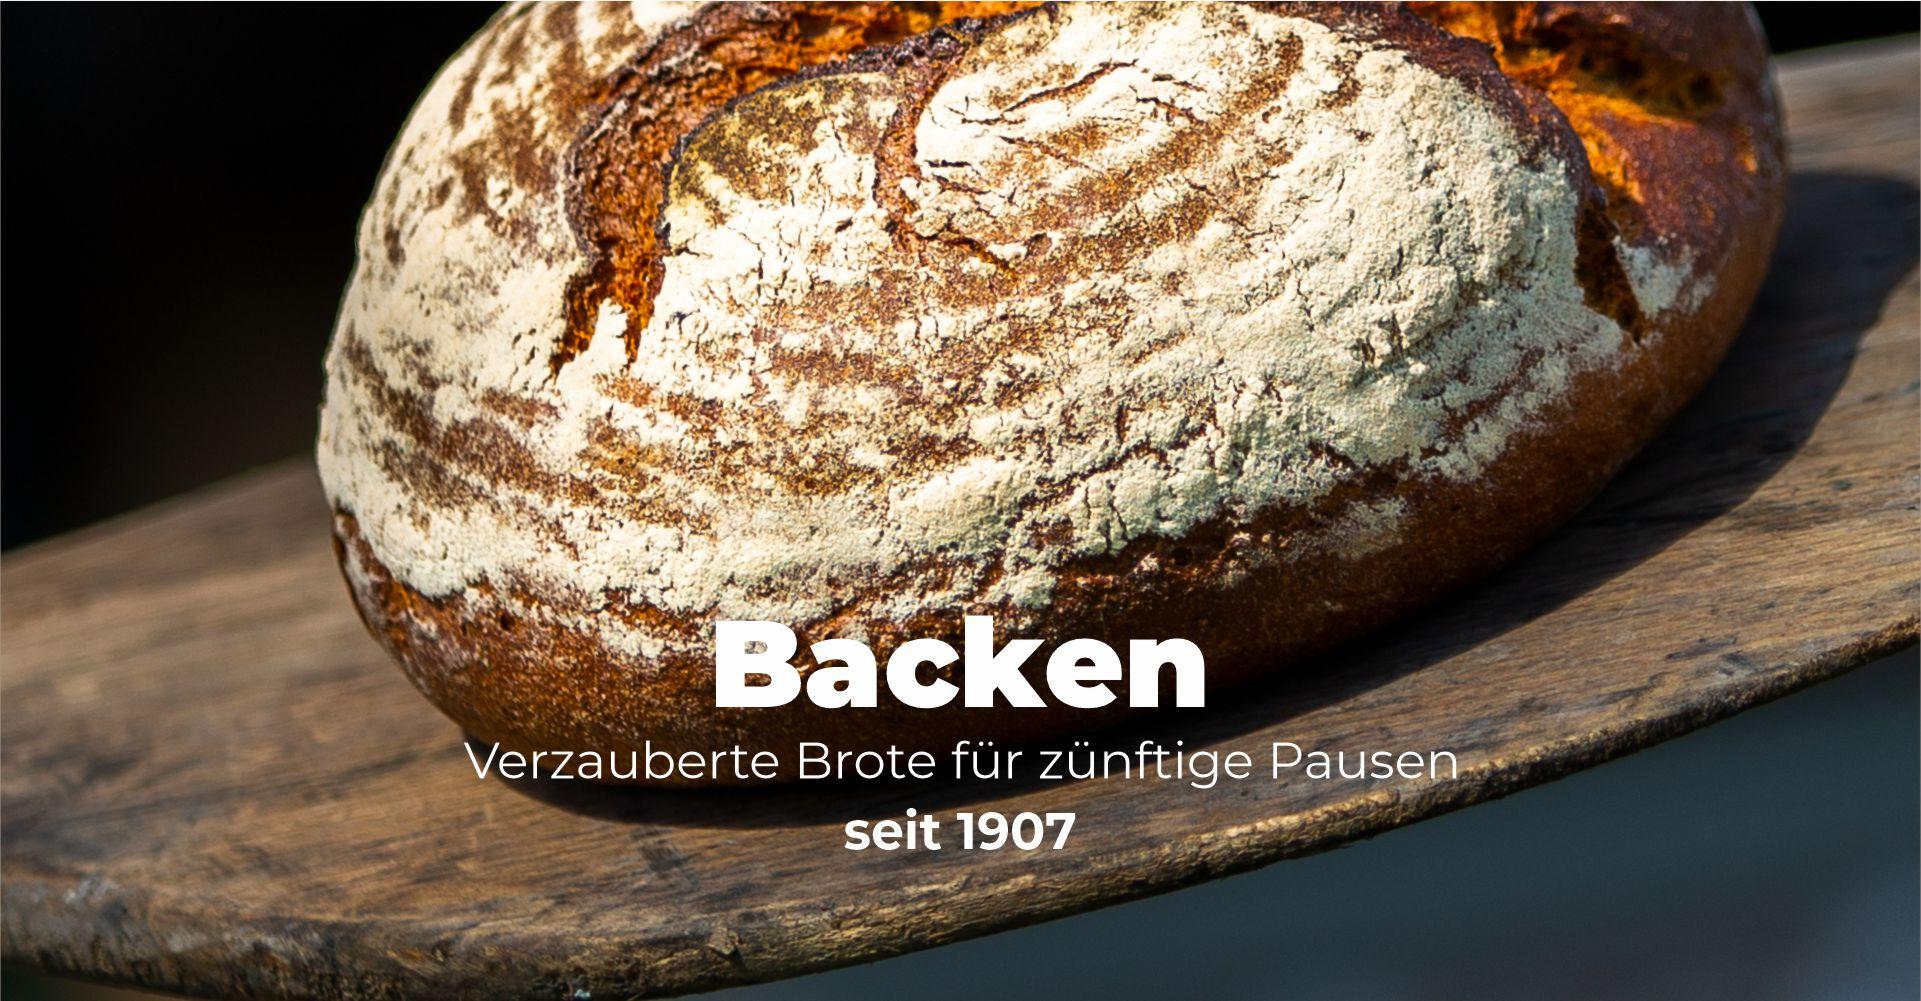 tismes_backen_startseite